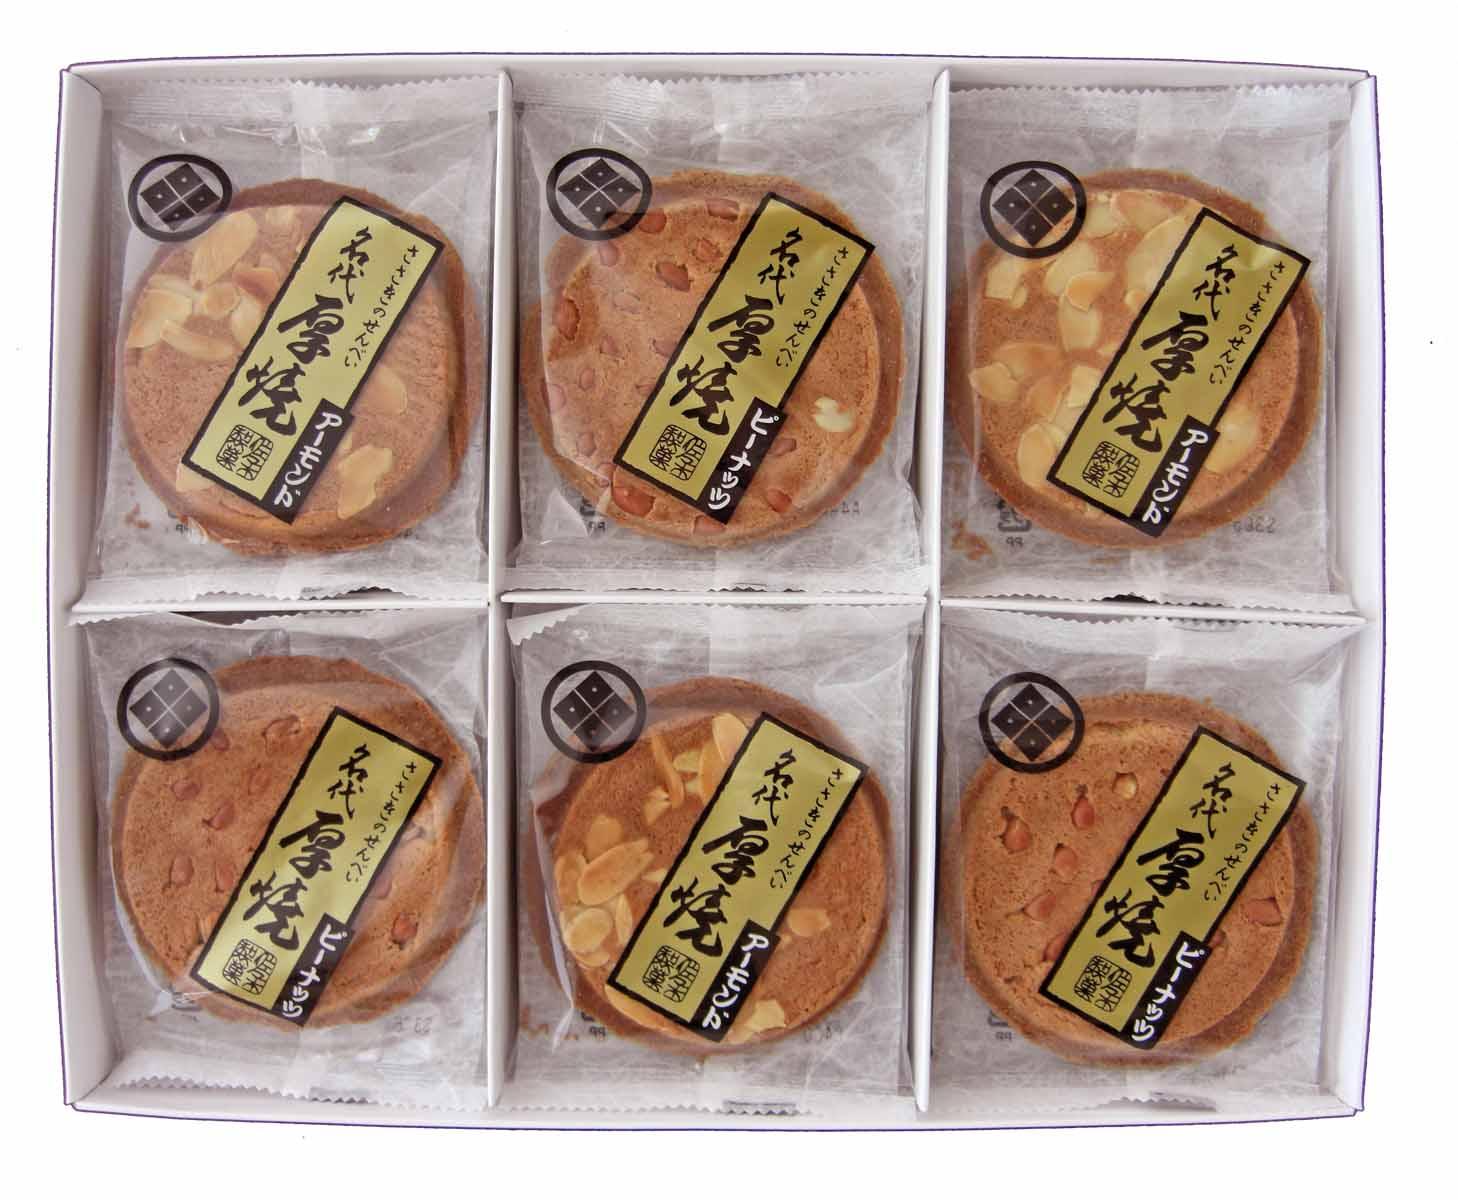 【送料無料】厚焼せんべい二種詰合せ 【30枚箱入】【ネット限定】(ピーナッツ・アーモンド)佐々木製菓